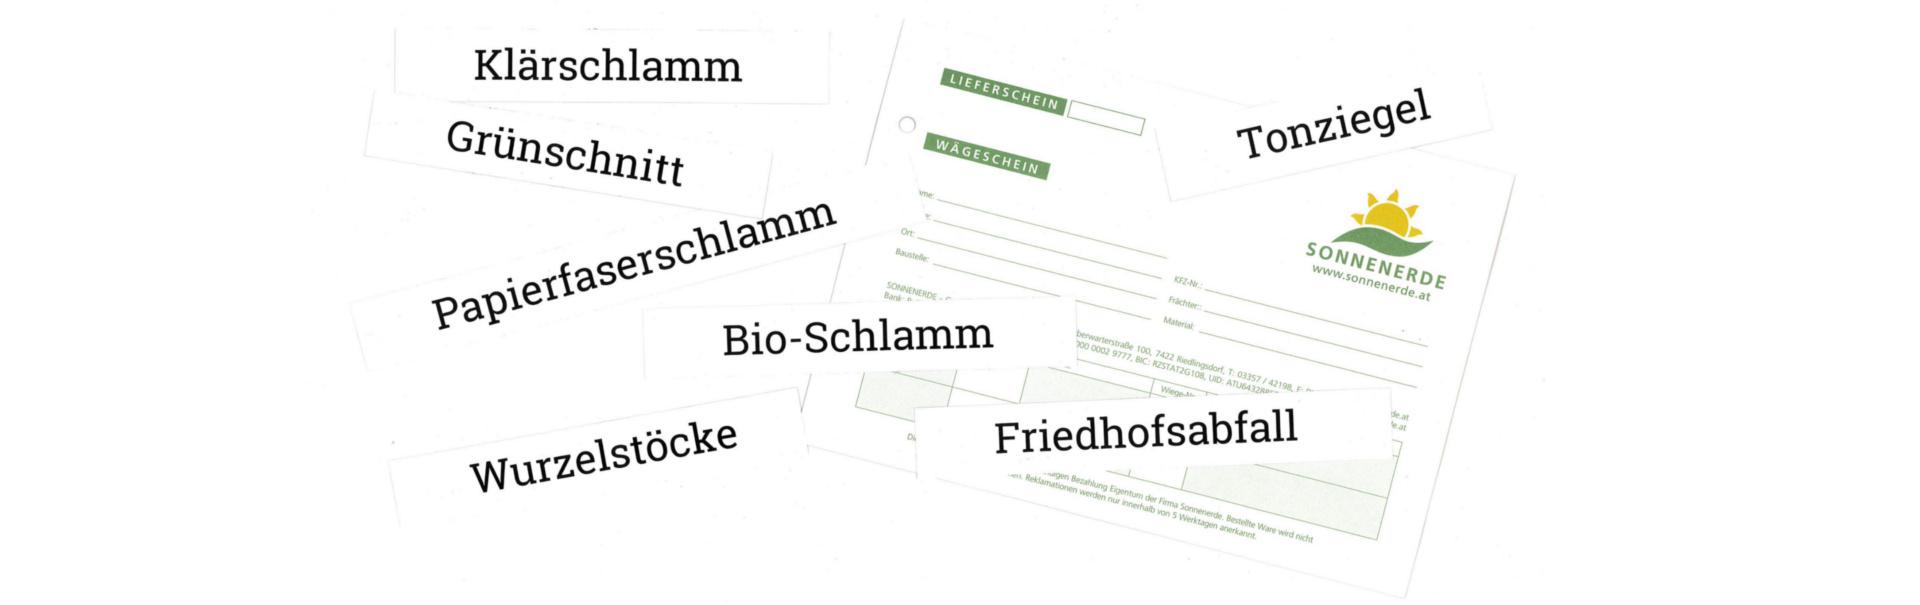 Bild vom Wiegeschein und Schriftzüge der möglichen Abfälle, welche bei Sonnenerde übernommen werden